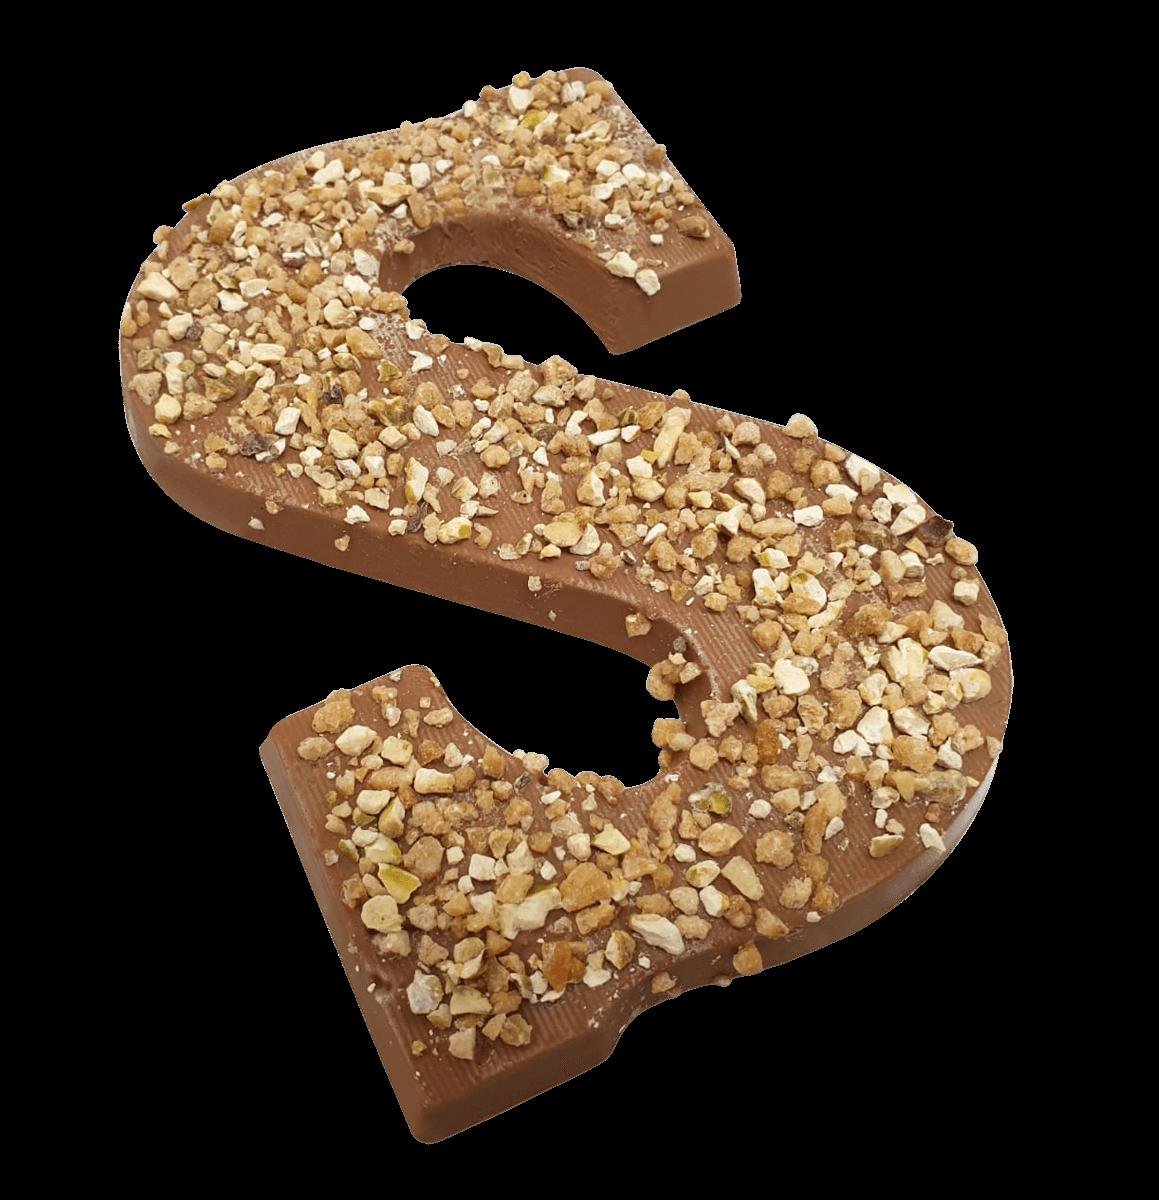 Chocoladeletter 220 gram HAZELNOOT CRUNCH